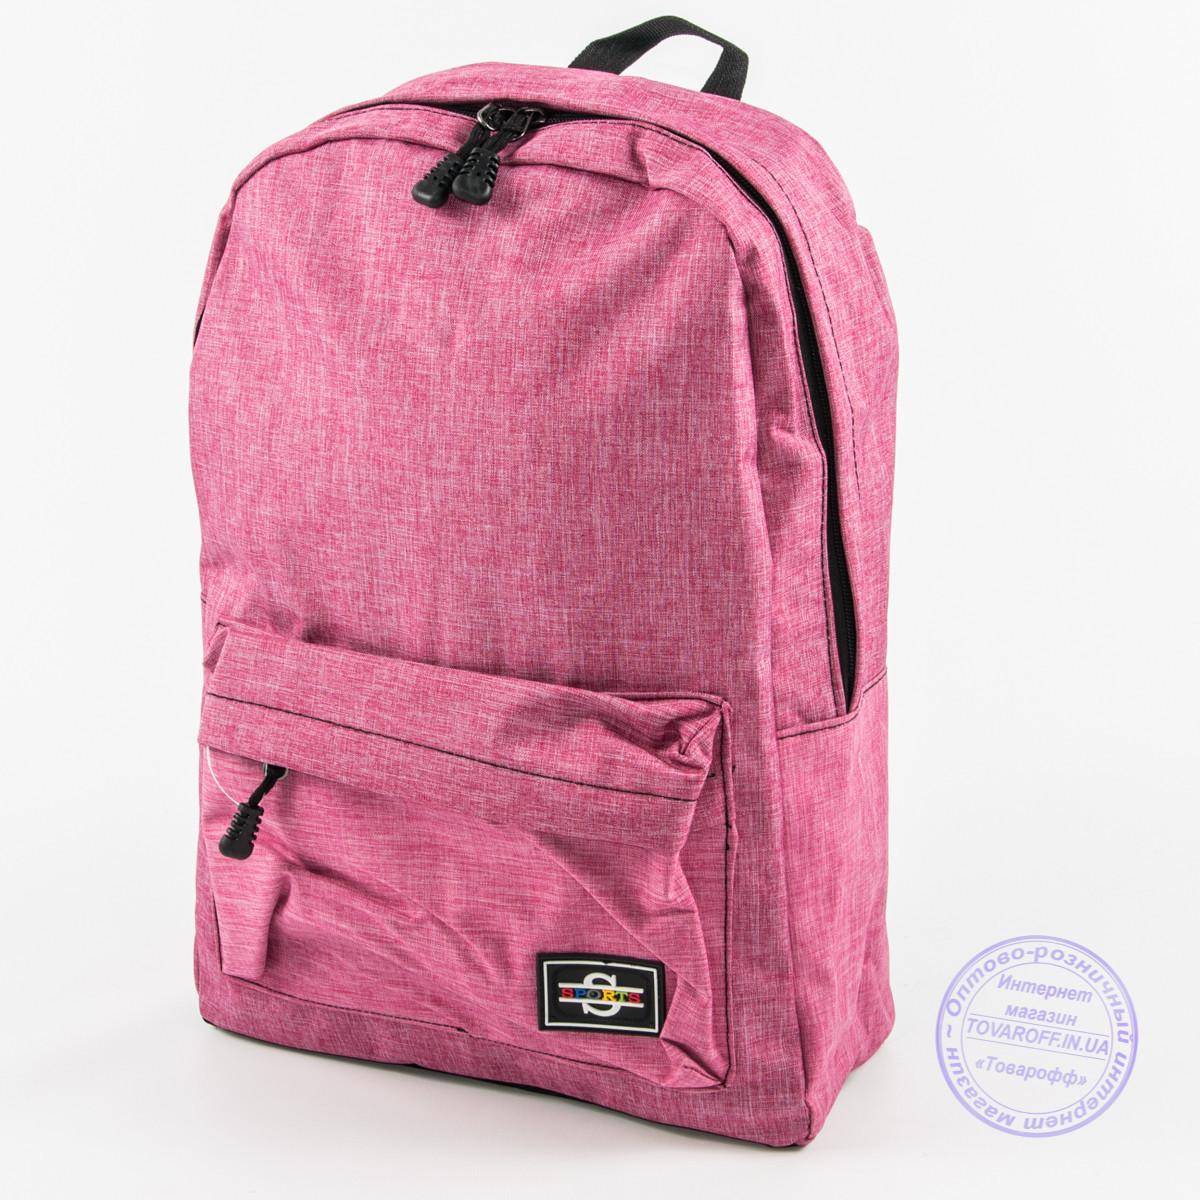 Оптом универсальный рюкзак для школы и прогулок - розовый - 145